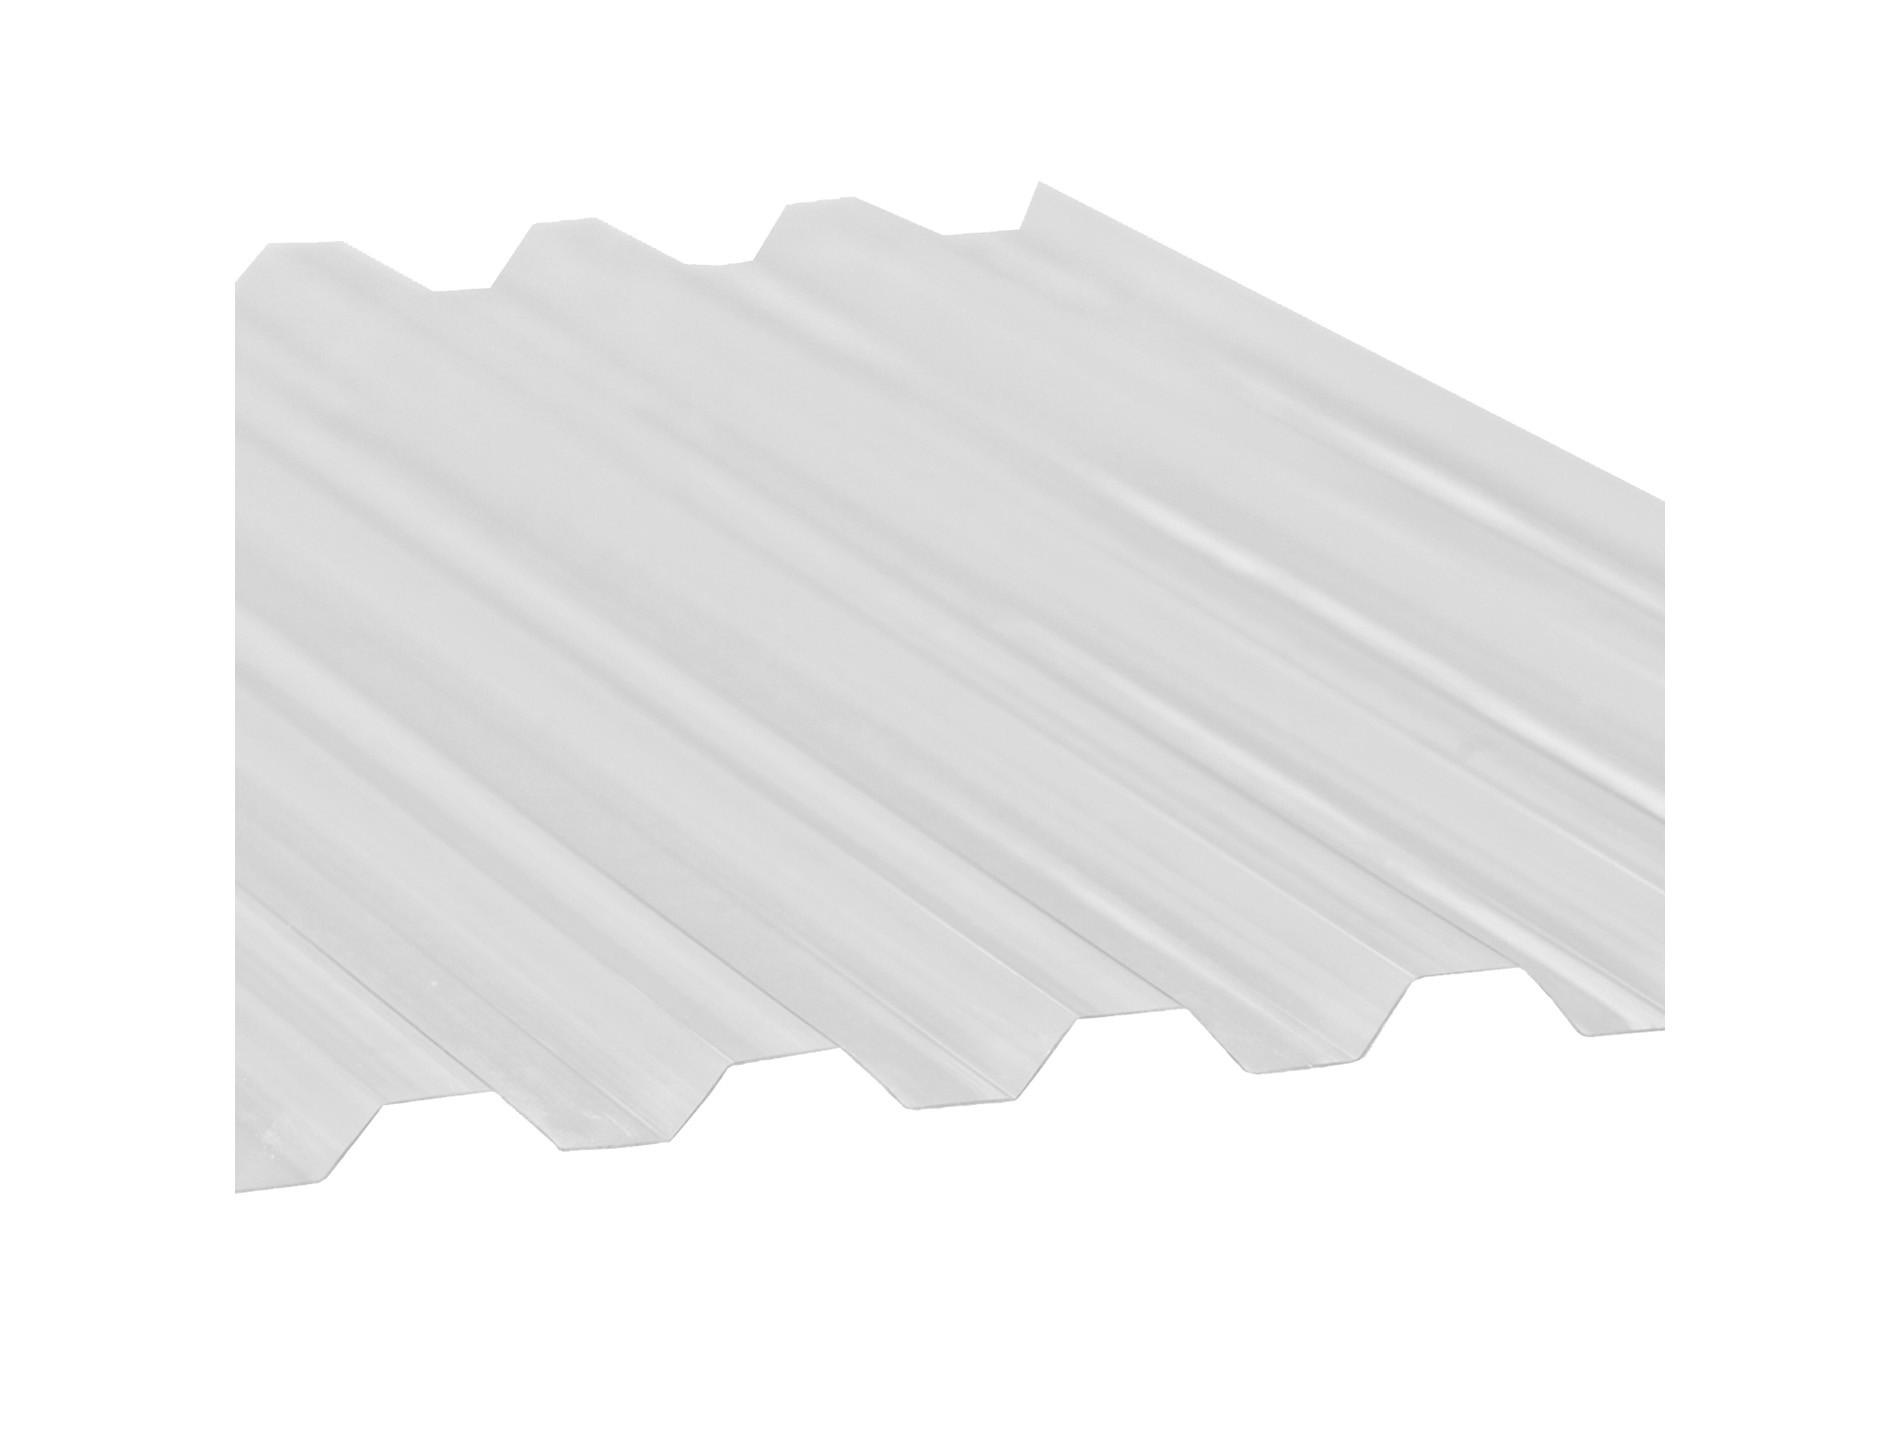 Plaque PVC Greca transparente 1090x300cm 8mm - Couverture toiture - Charpente et couverture ...